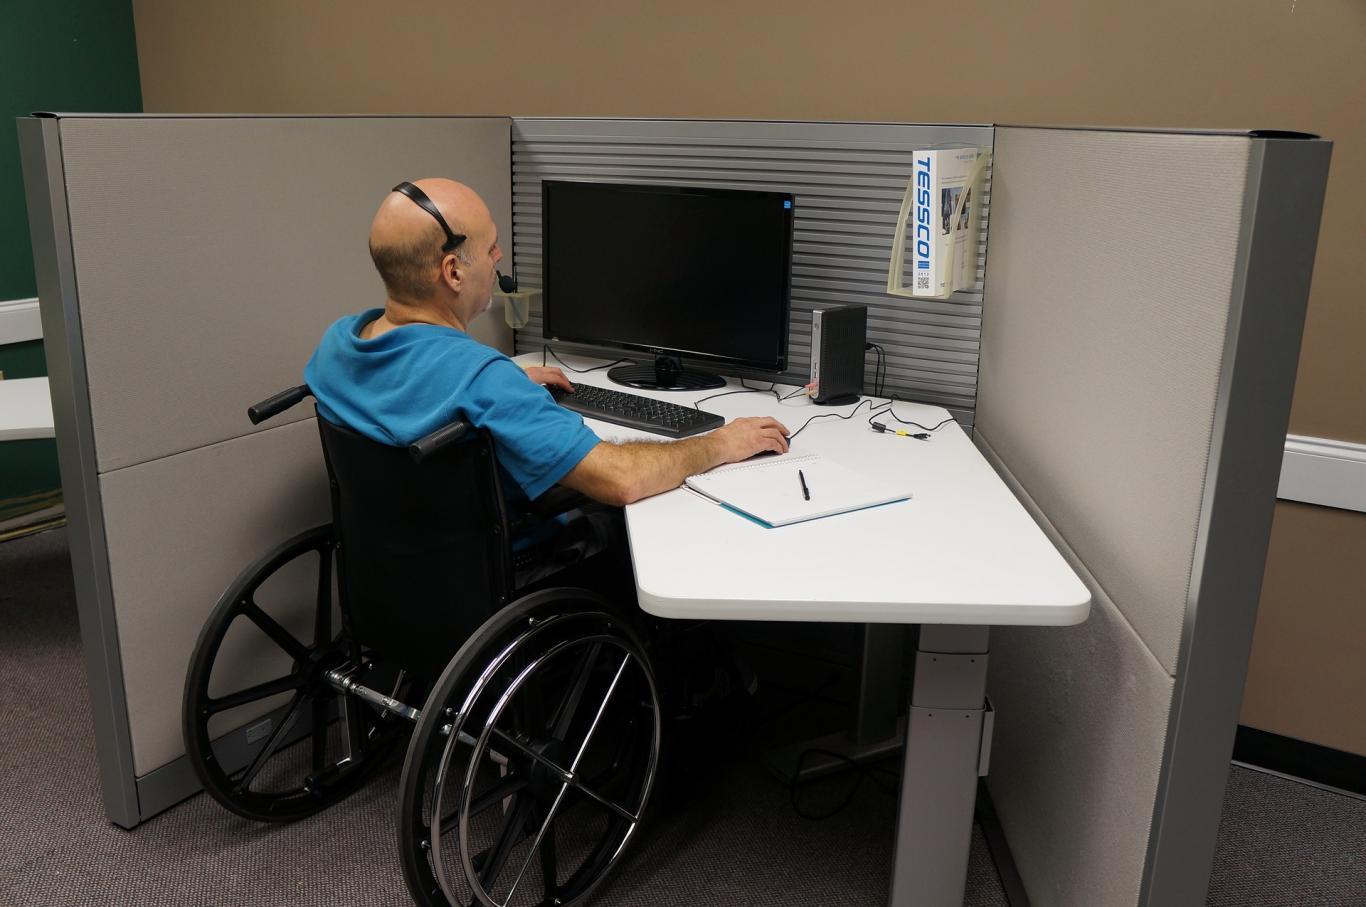 Trabajador en silla de ruedas, trabajando con un ordenador